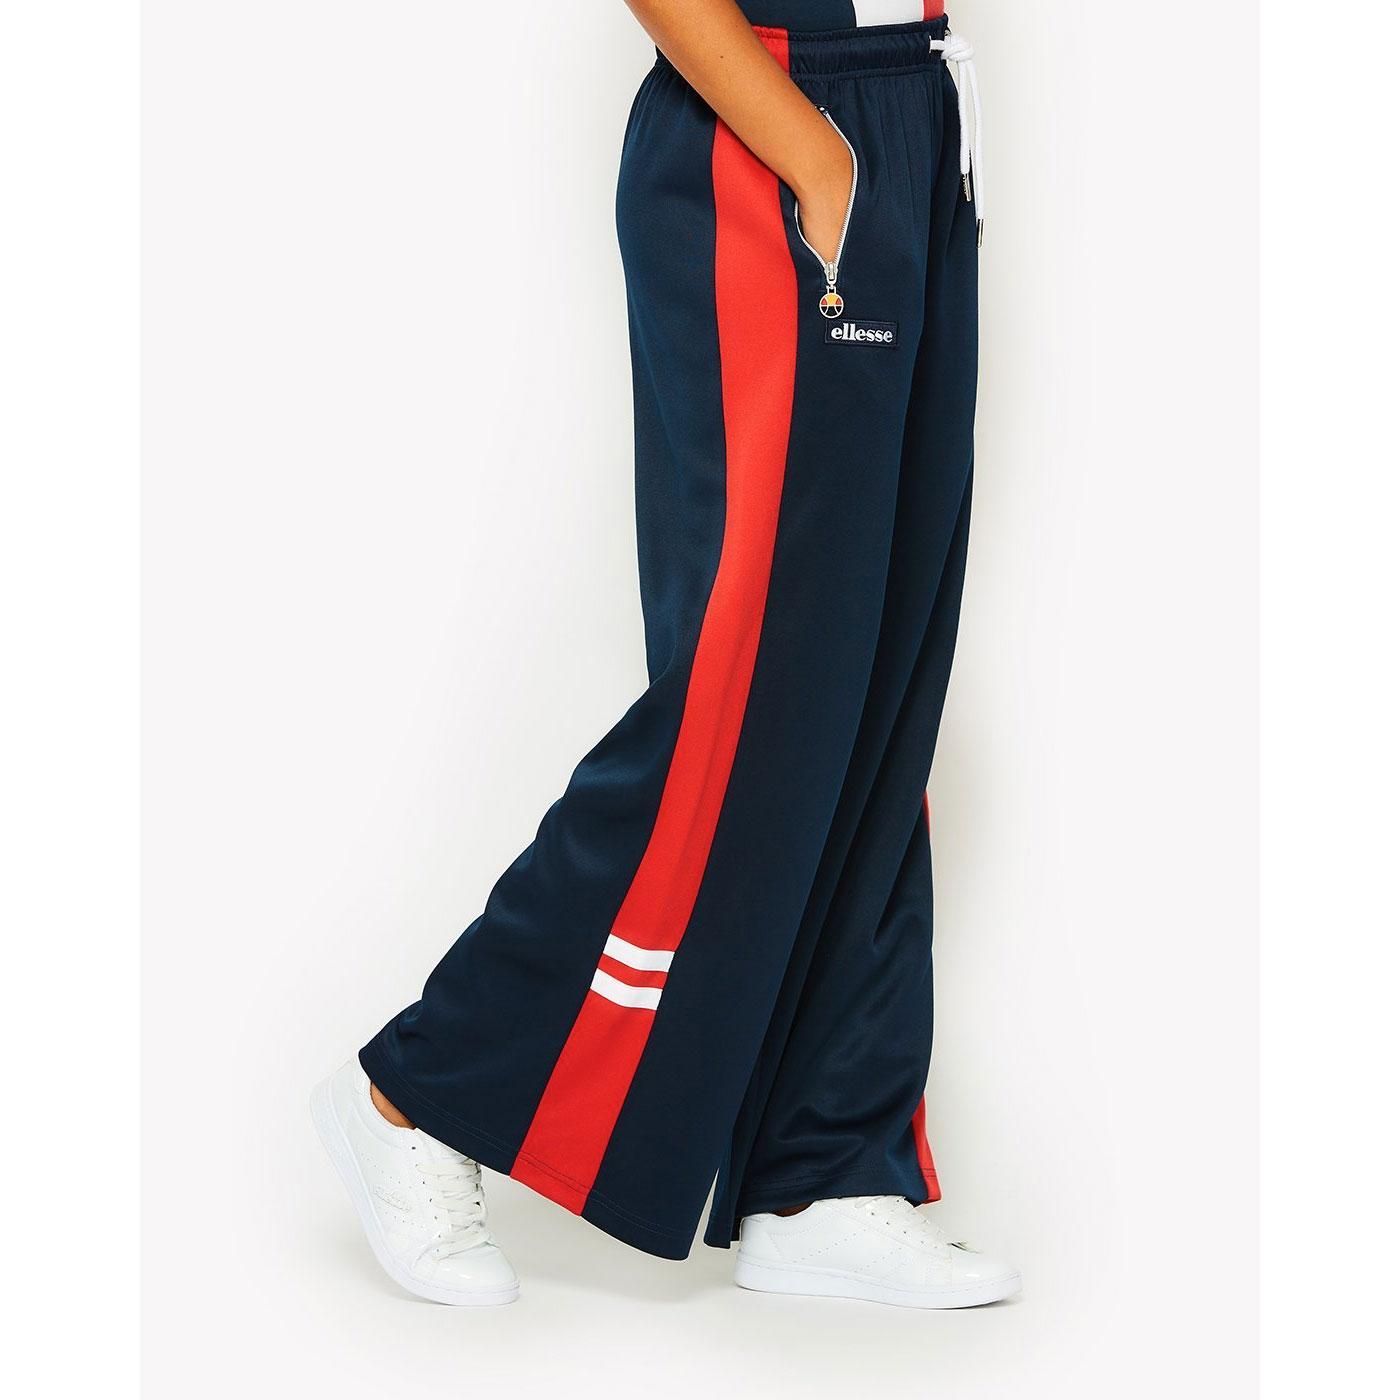 ELLESSE Pants Small Vintage 90s Ellesse Sport Track Jogger Tennis Pants Size S W 28-36